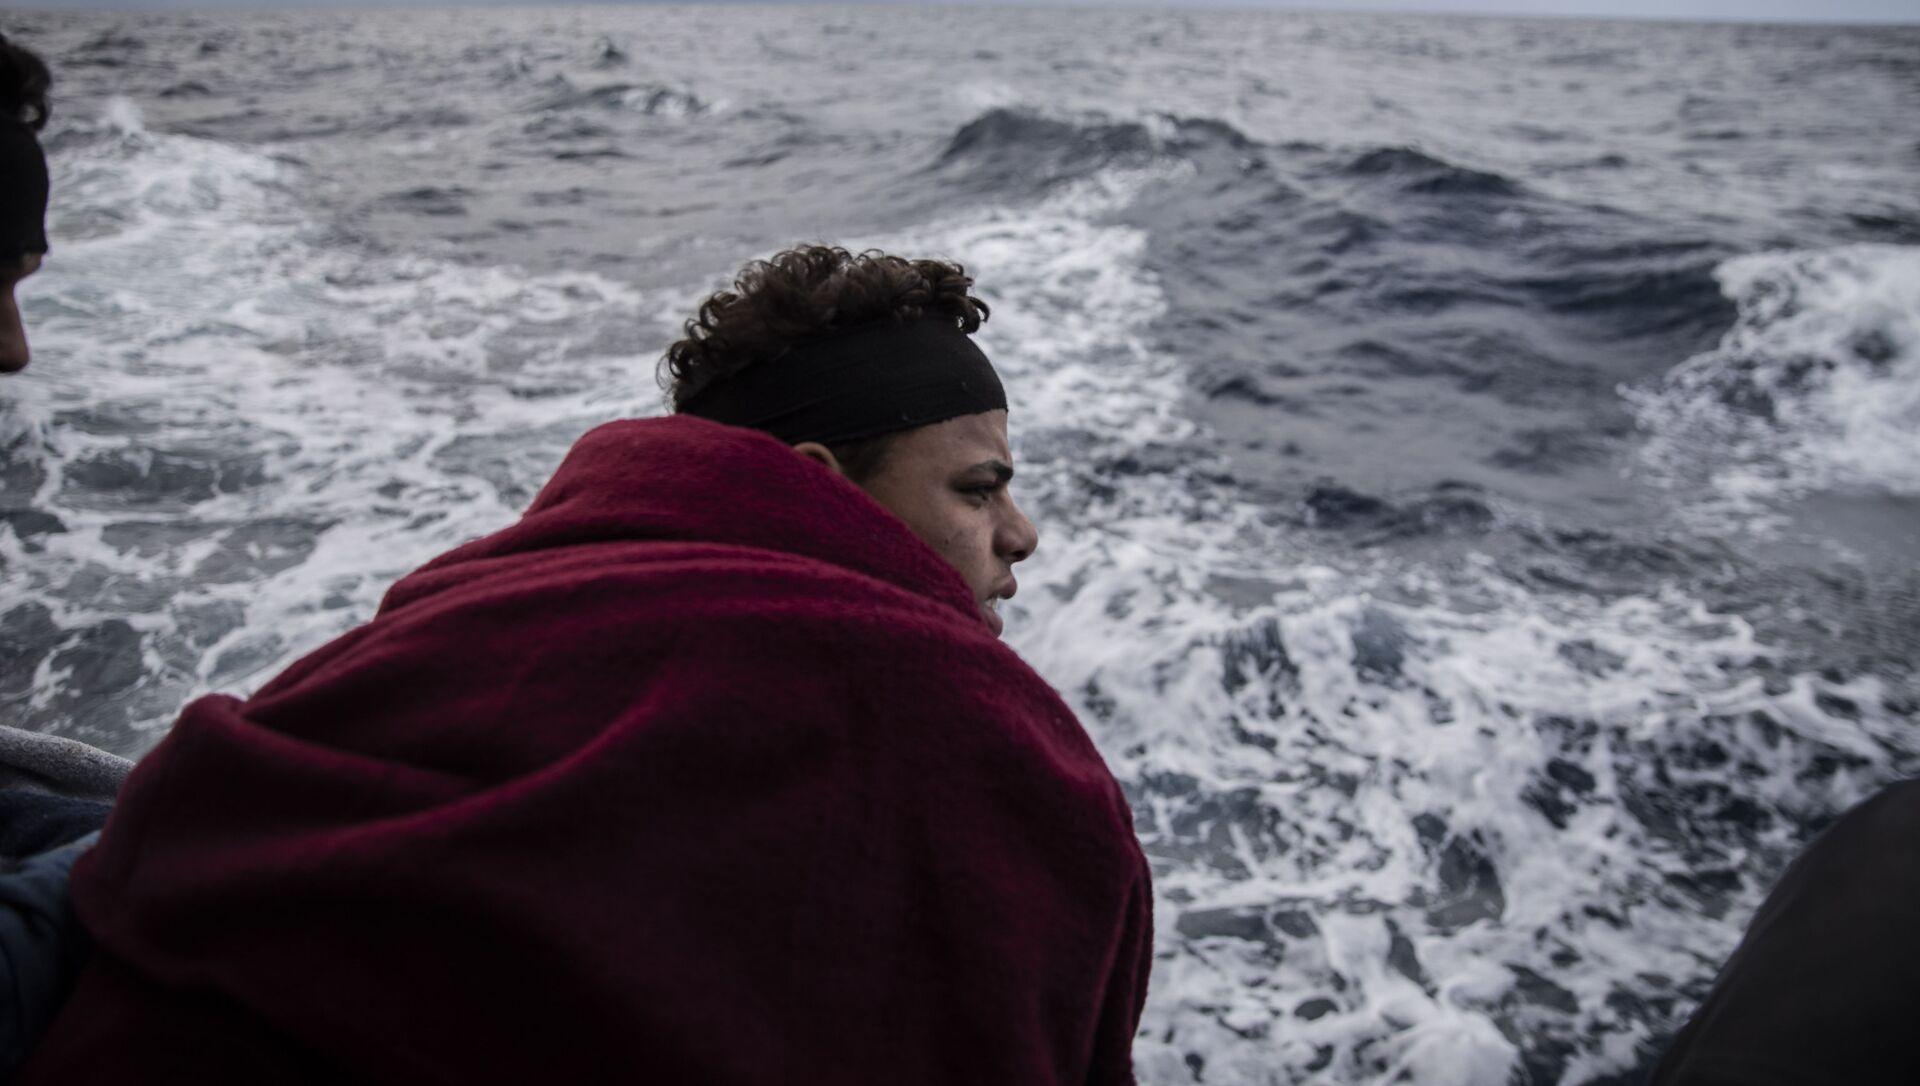 Un migrante en el mar Mediterráneo - Sputnik Mundo, 1920, 16.08.2020